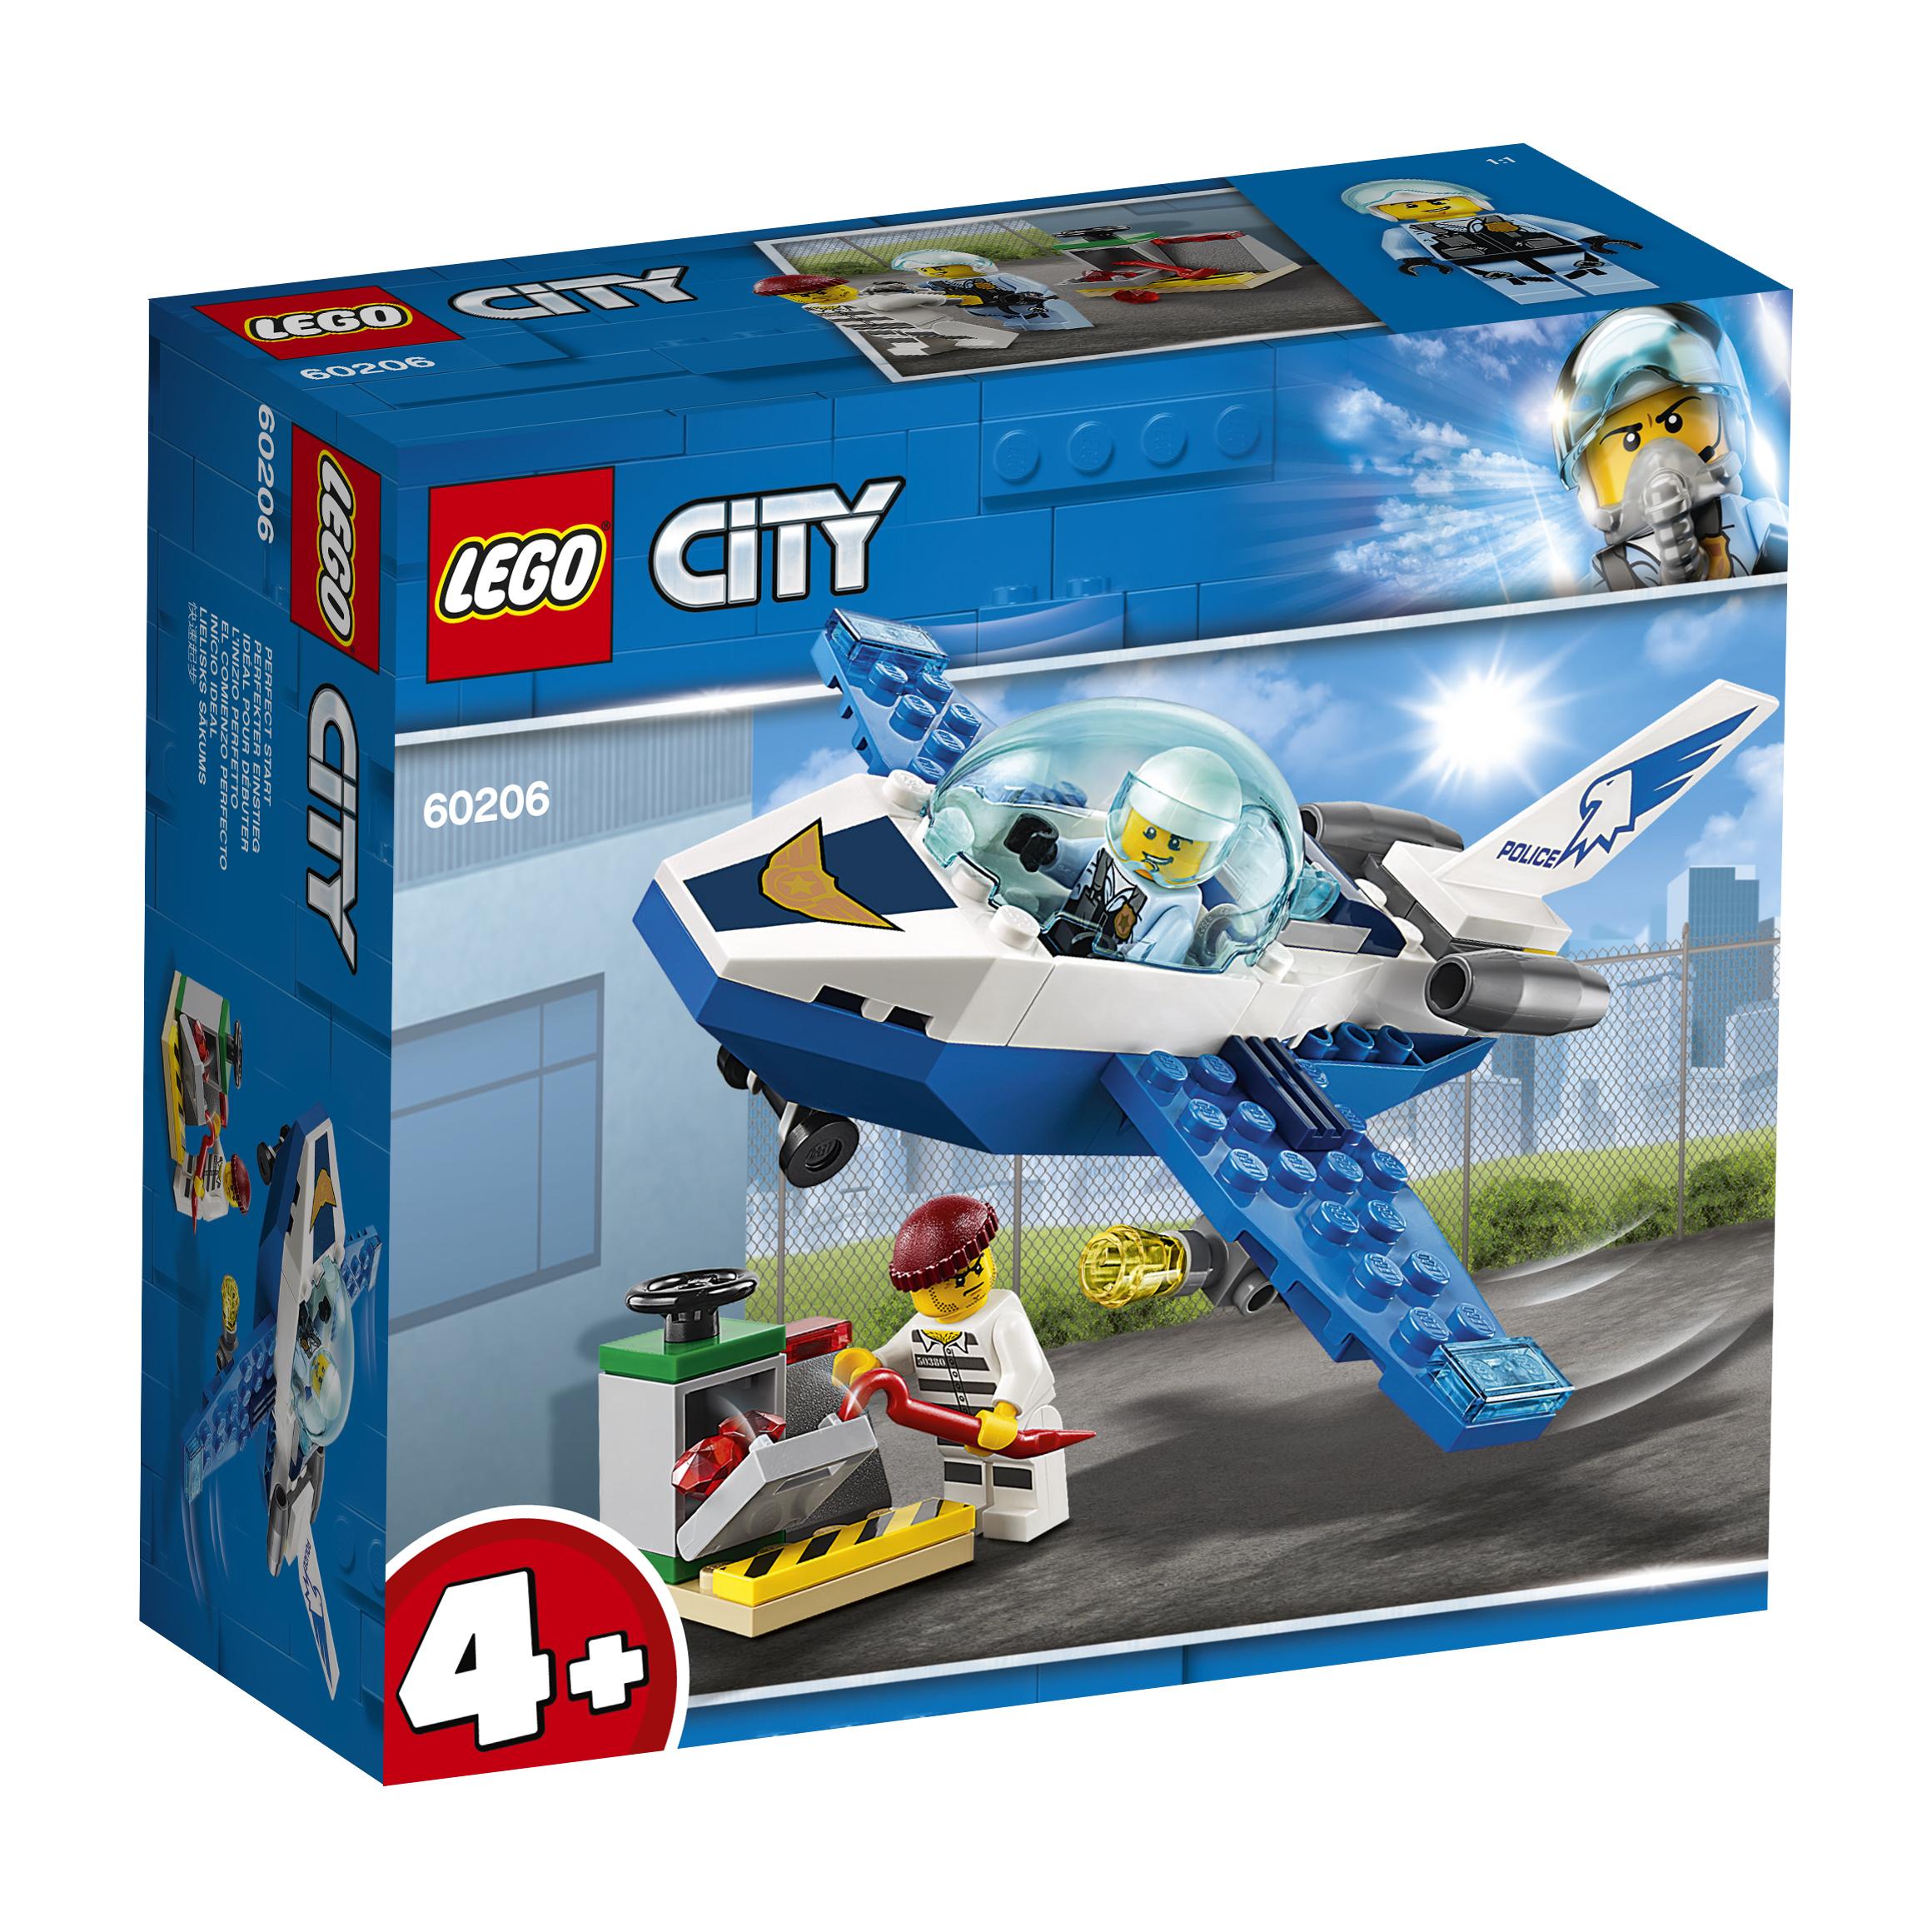 Конструктор LEGO City Police 60206 Воздушная полиция конструктор lego city патрульный самолёт 54 дет 60206